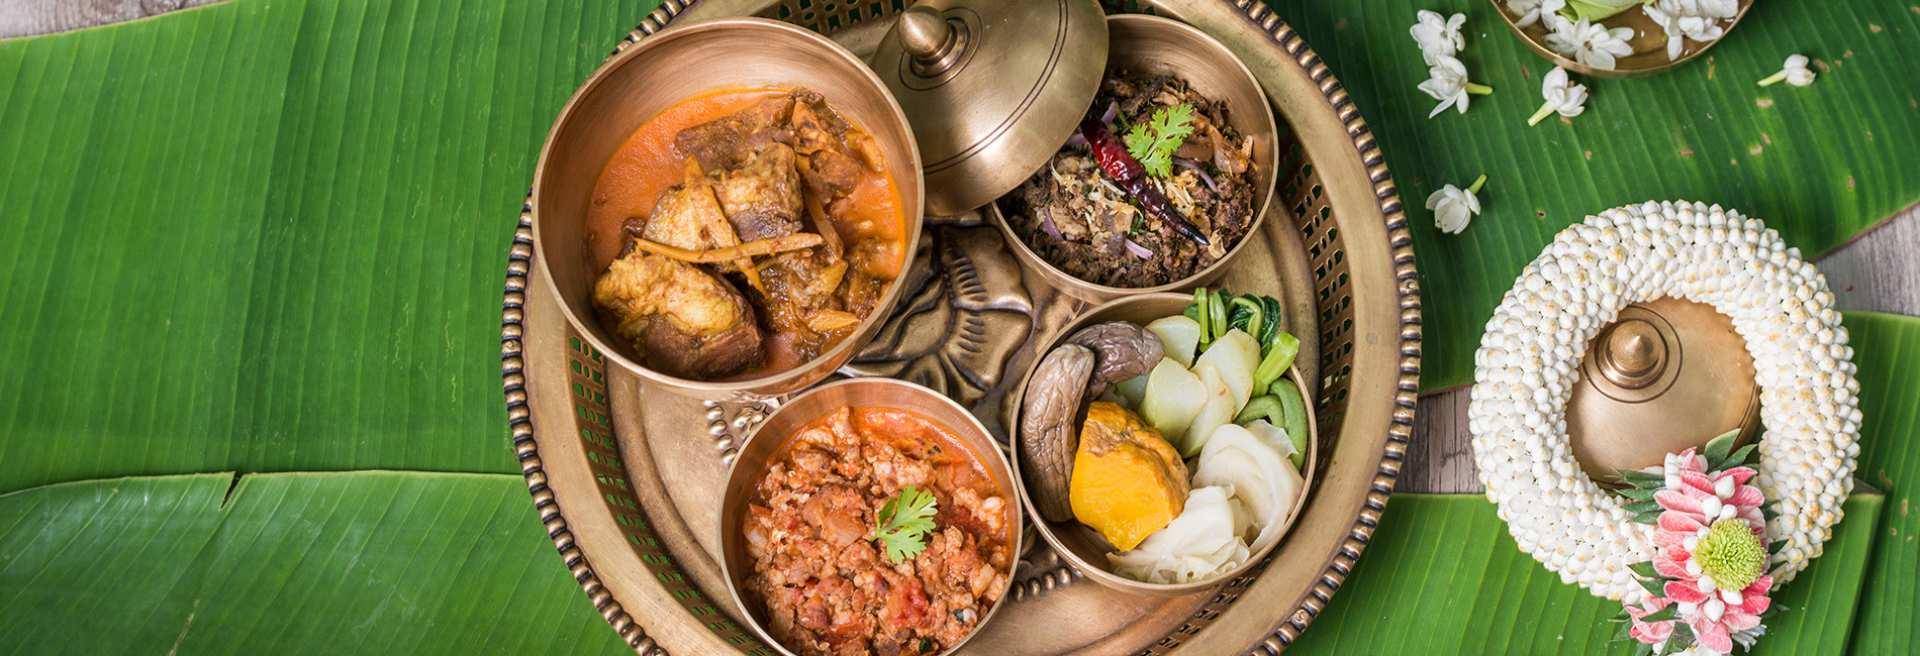 【清邁最新帝王餐】康托克帝王餐宴 Khum Khantoke